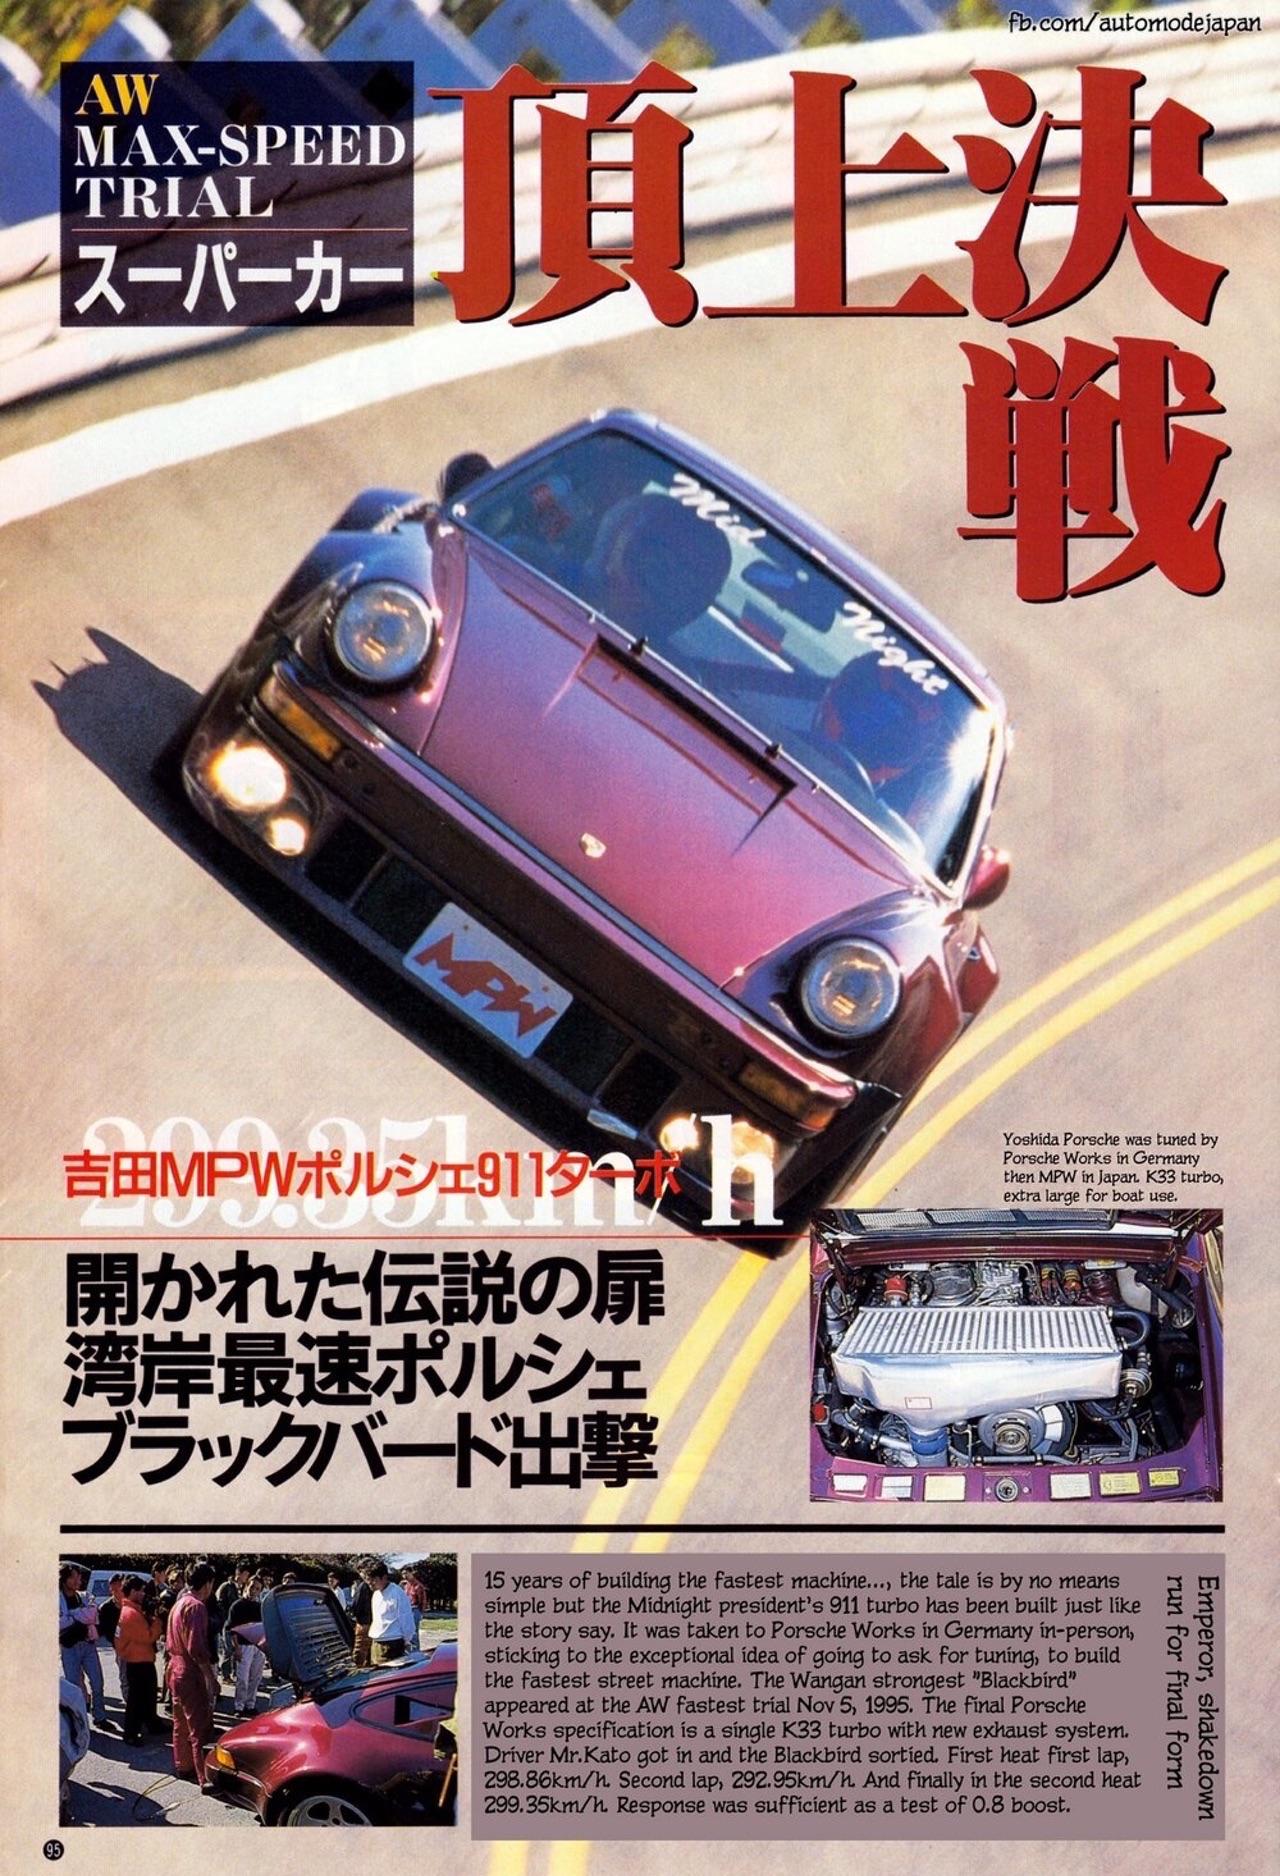 Yoshida Specials 930 Turbo, la Blackbird du Mid Night Club 8